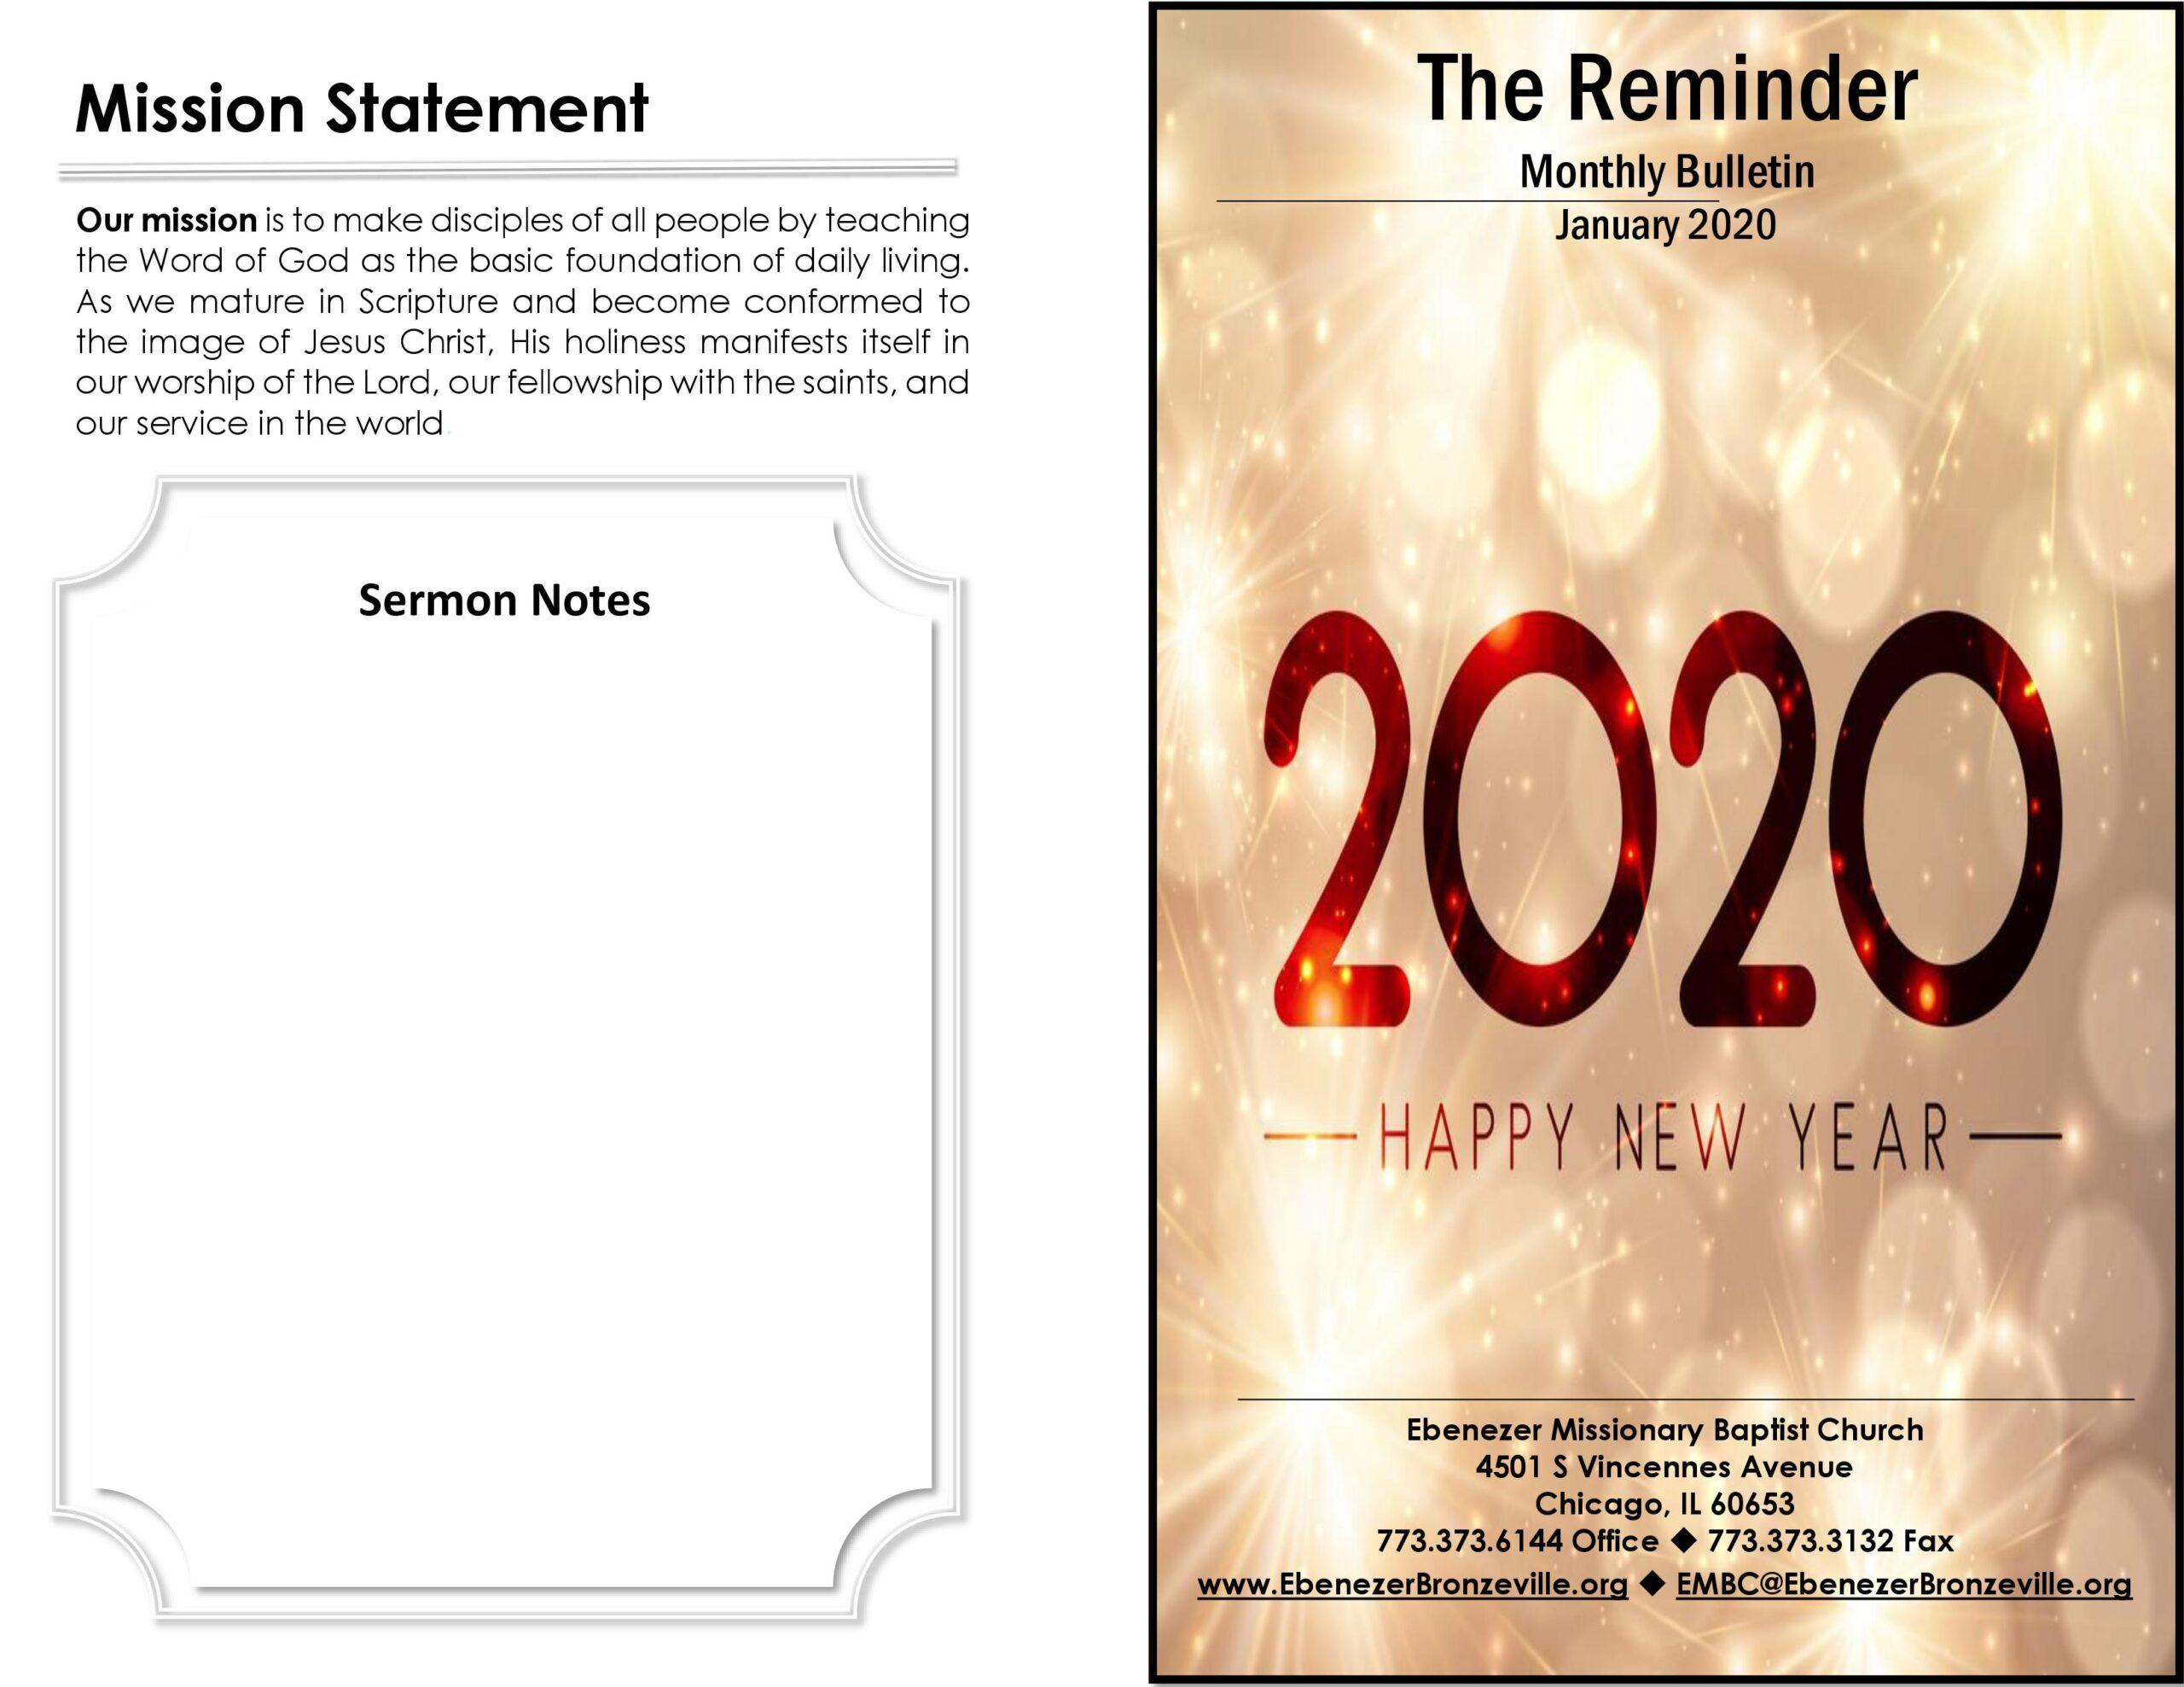 Ebenezer MBC Bulletin January 2020